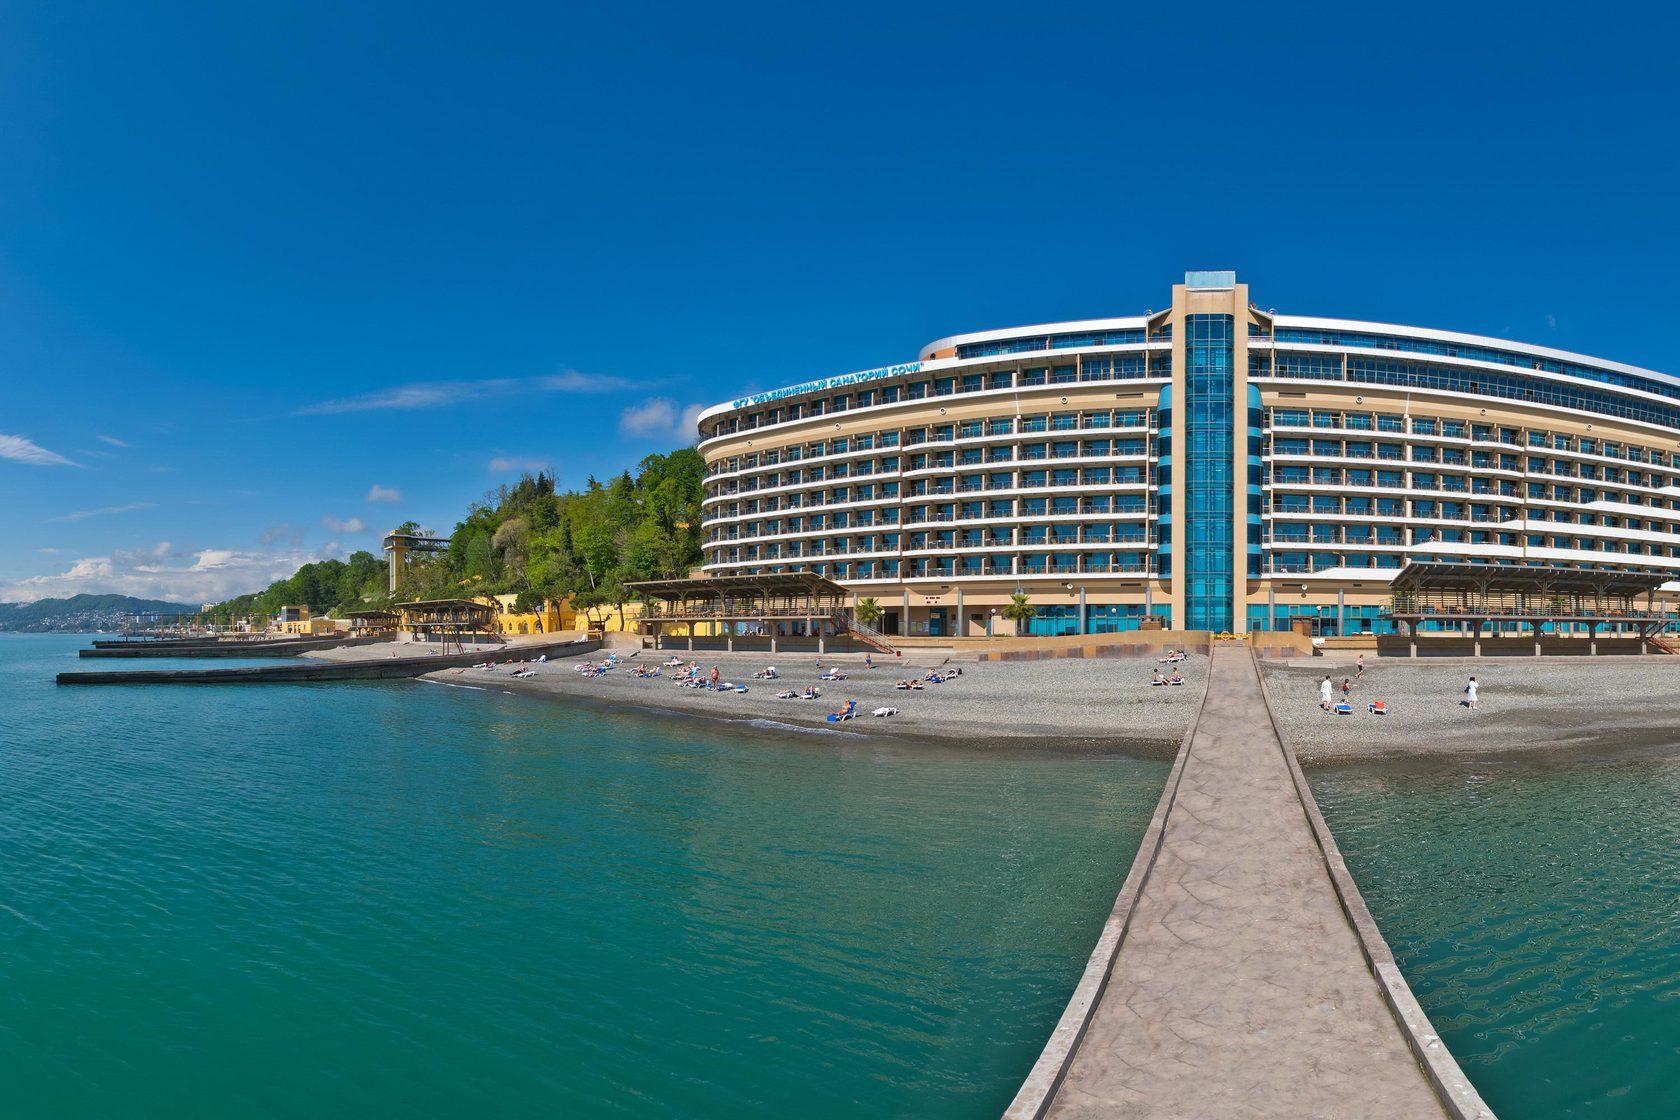 С 1 июня в Сочи могут открыться первые пляжи